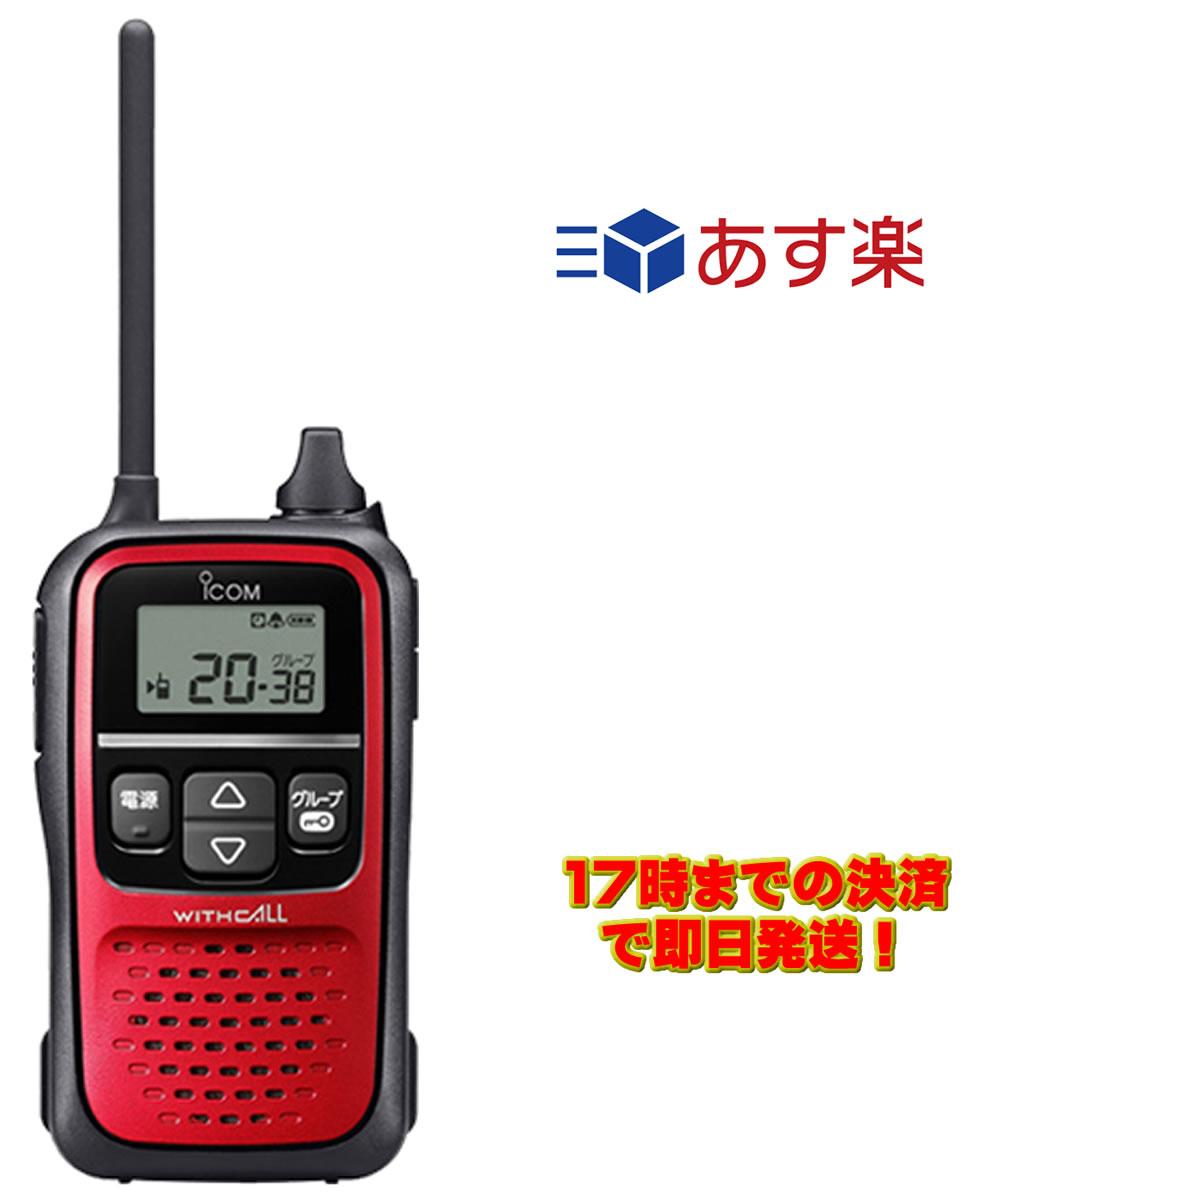 IC-4110R(レッド) アイコム 特定小電力トランシーバー 20CH